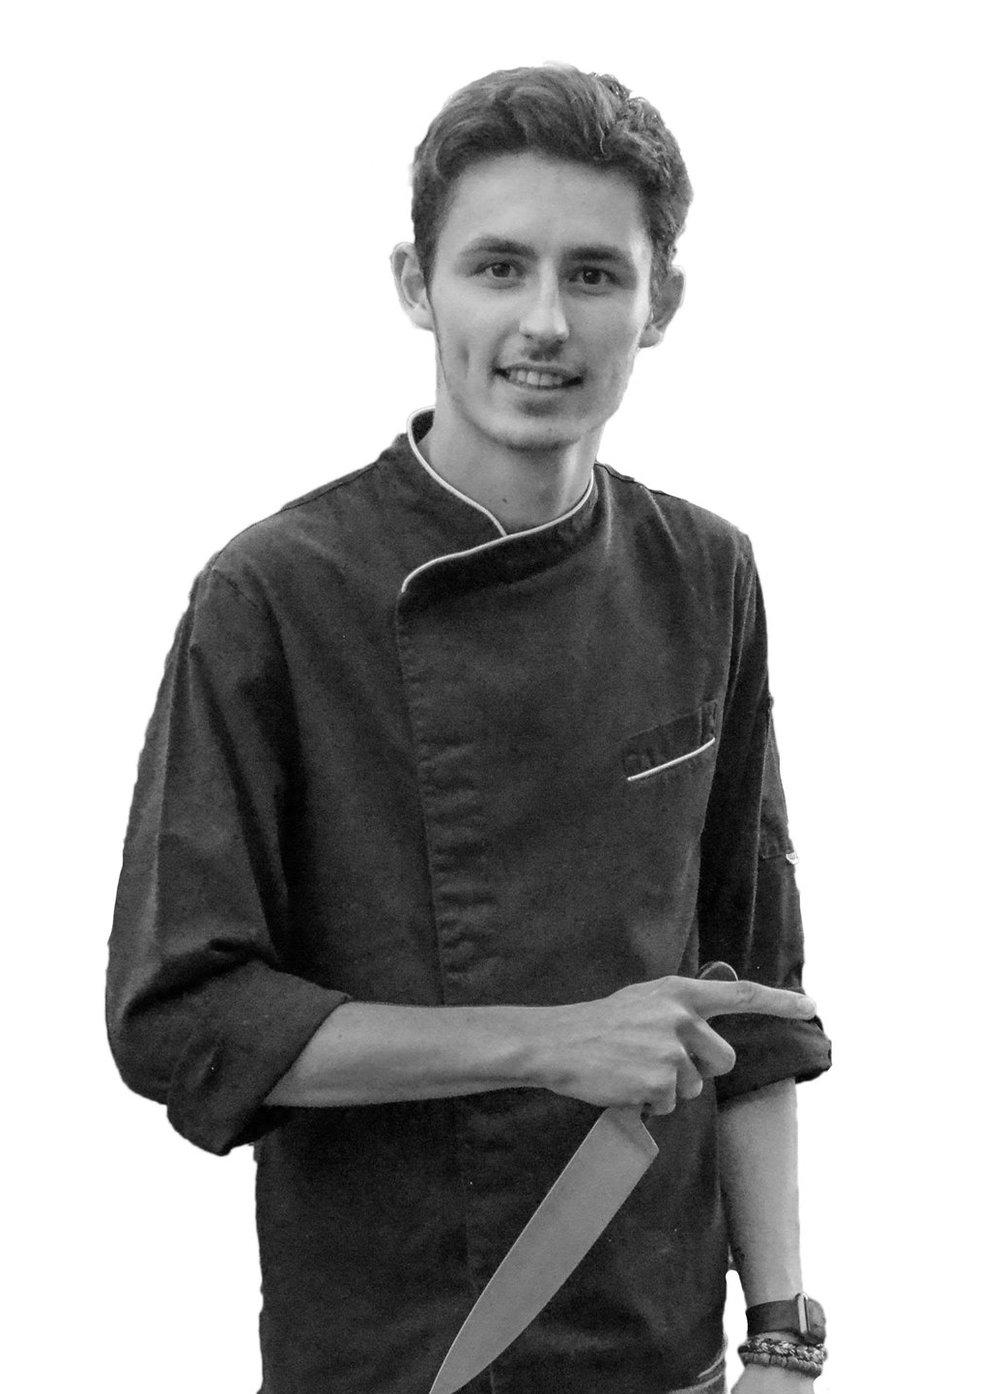 """Chef Simon           Normal    0          21          false    false    false       FR-BE    JA    X-NONE                                                                                                                                                                                                                                                                                                                                                                                                                                                                                                                           /* Style Definitions */ table.MsoNormalTable {mso-style-name:""""Tableau Normal""""; mso-tstyle-rowband-size:0; mso-tstyle-colband-size:0; mso-style-noshow:yes; mso-style-priority:99; mso-style-parent:""""""""; mso-padding-alt:0cm 5.4pt 0cm 5.4pt; mso-para-margin:0cm; mso-para-margin-bottom:.0001pt; mso-pagination:widow-orphan; font-size:10.0pt; font-family:""""Times New Roman""""; border:none;}       Simon, 21, is sous-chef in restaurant Coriandre. Hij is opgeleid aan de Namen Hotelschool en is gespecialiseerd in eenvoudige maar verfijnde gerechten voor alle dag. Hij gebruikt daarbij graag seizoen producten en werkt samen met lokale producenten."""